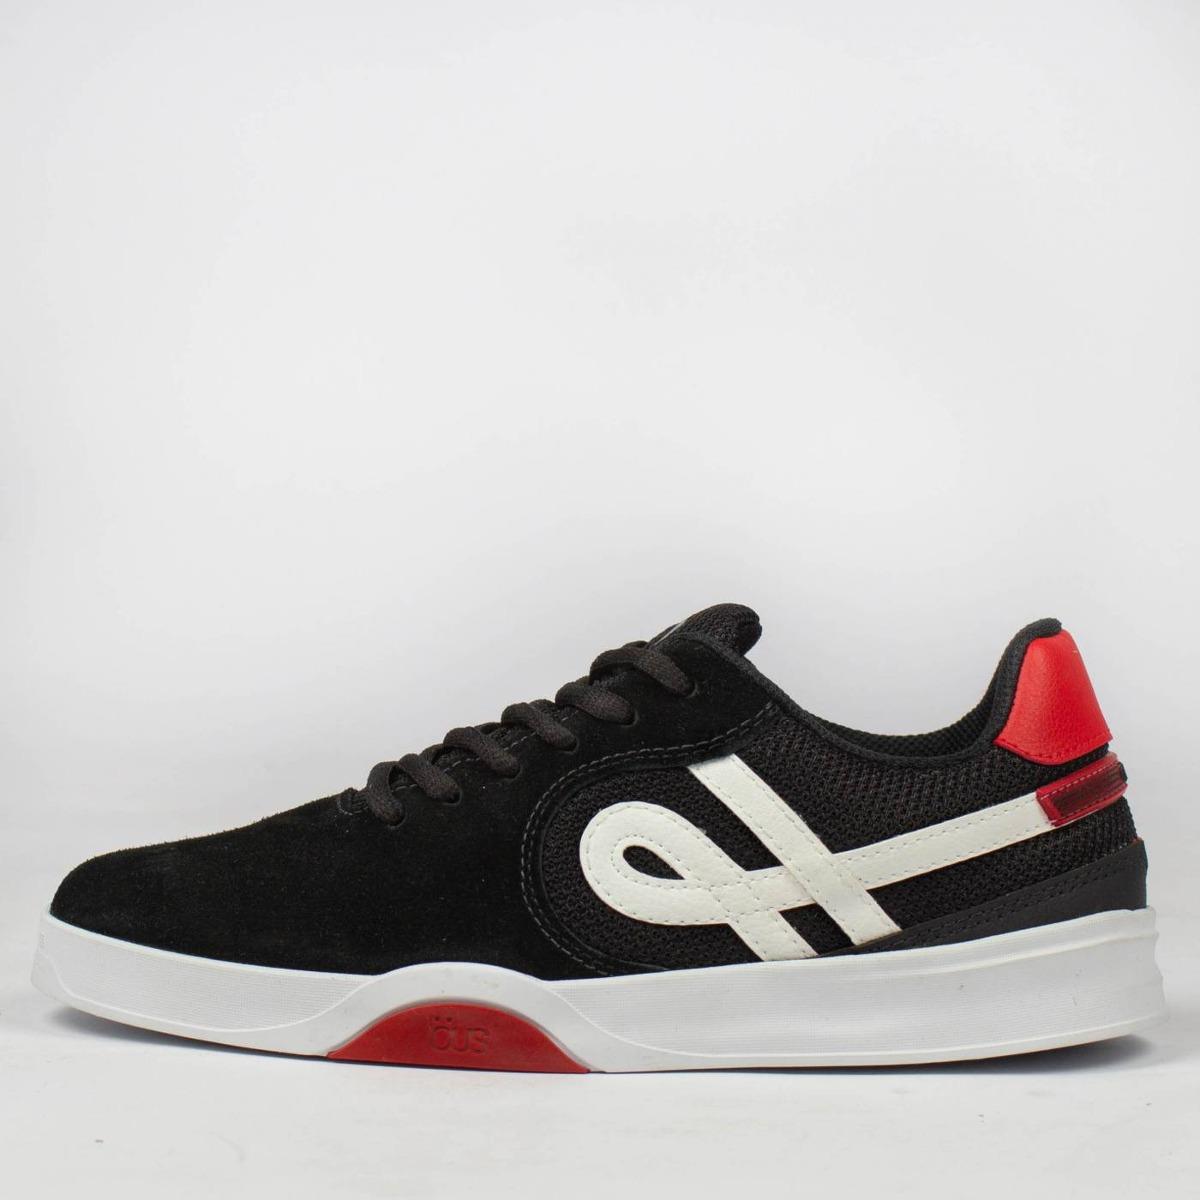 9eeb5fb1db tênis skate öus imigrante essencial preto vermelho original. Carregando  zoom.